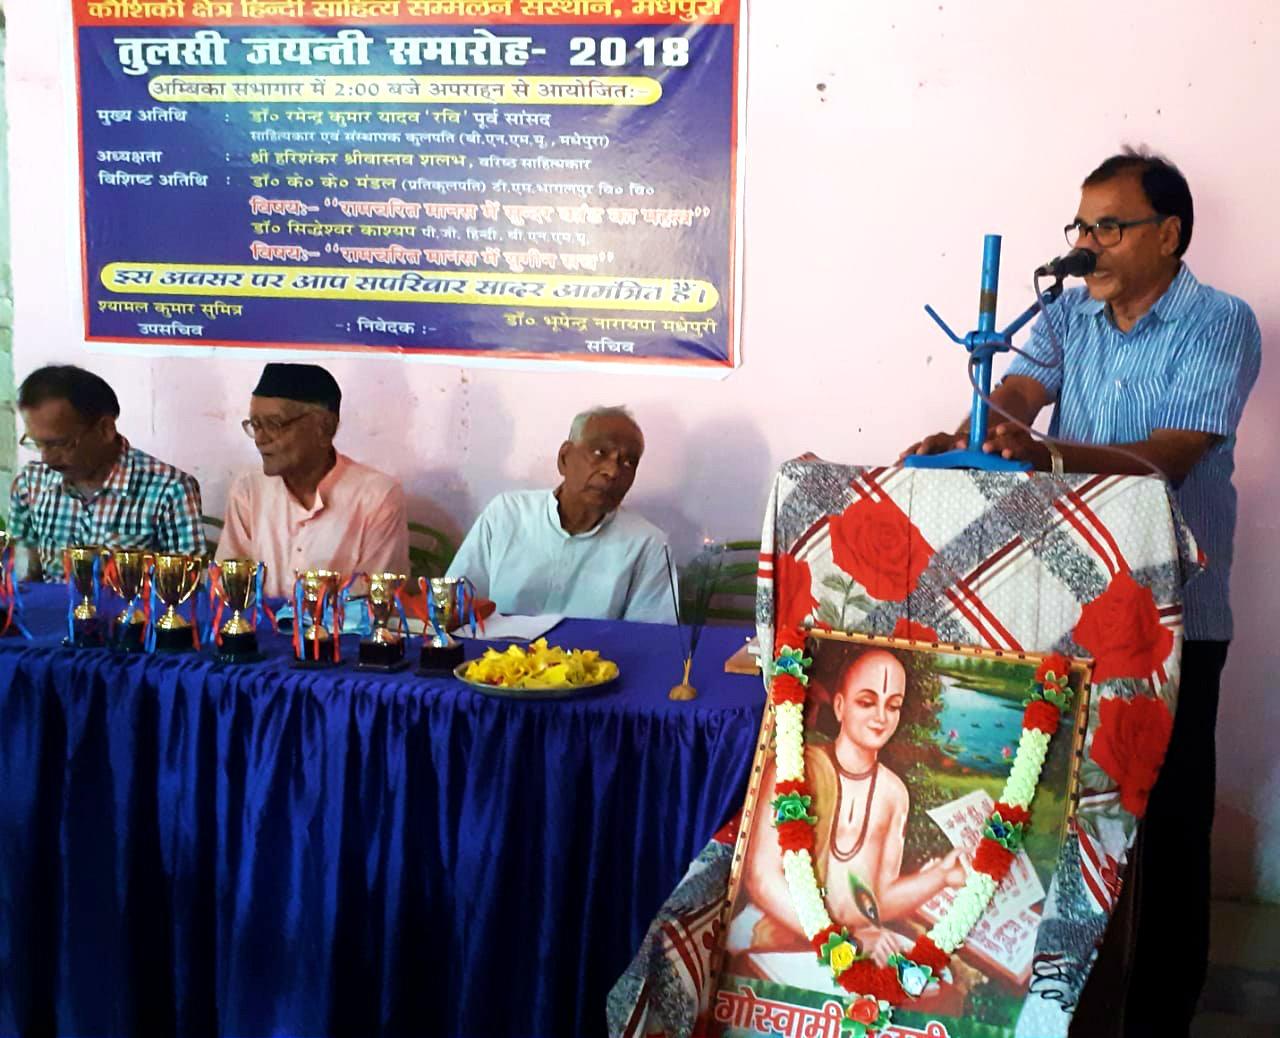 Kaushiki Sachiv Dr.B.N.Yadav Madhepuri addressing Tulsi Jayanti Samaroh & greeting Adhyaksh Shri Hari Shankar Srivastav Shalabh along with both the special Vakta Dr.K.K.Mandal (Ex.PVC) & Dr.Sidheshwar Kashyap & others at Kaushiki Ambika Sabhagar, Madhepura.